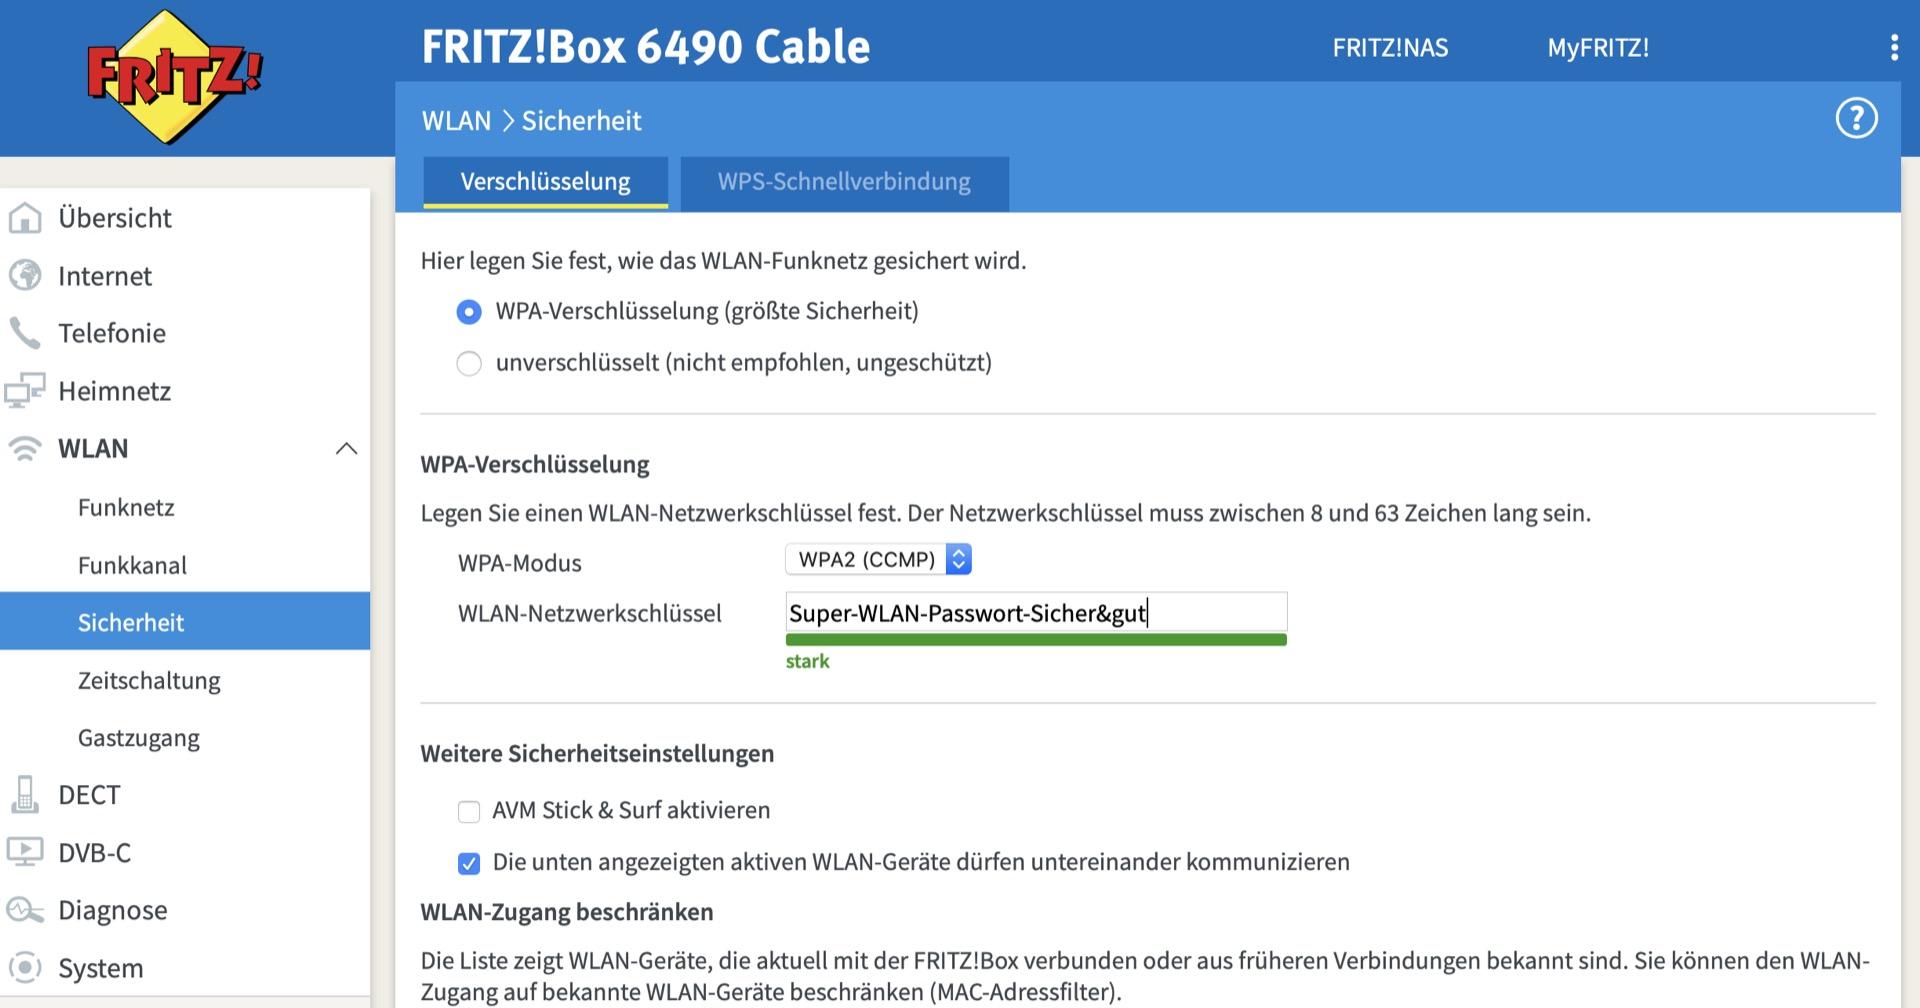 Das WLAN-Passwort ist direkt in der FritzBox hinterlegt.